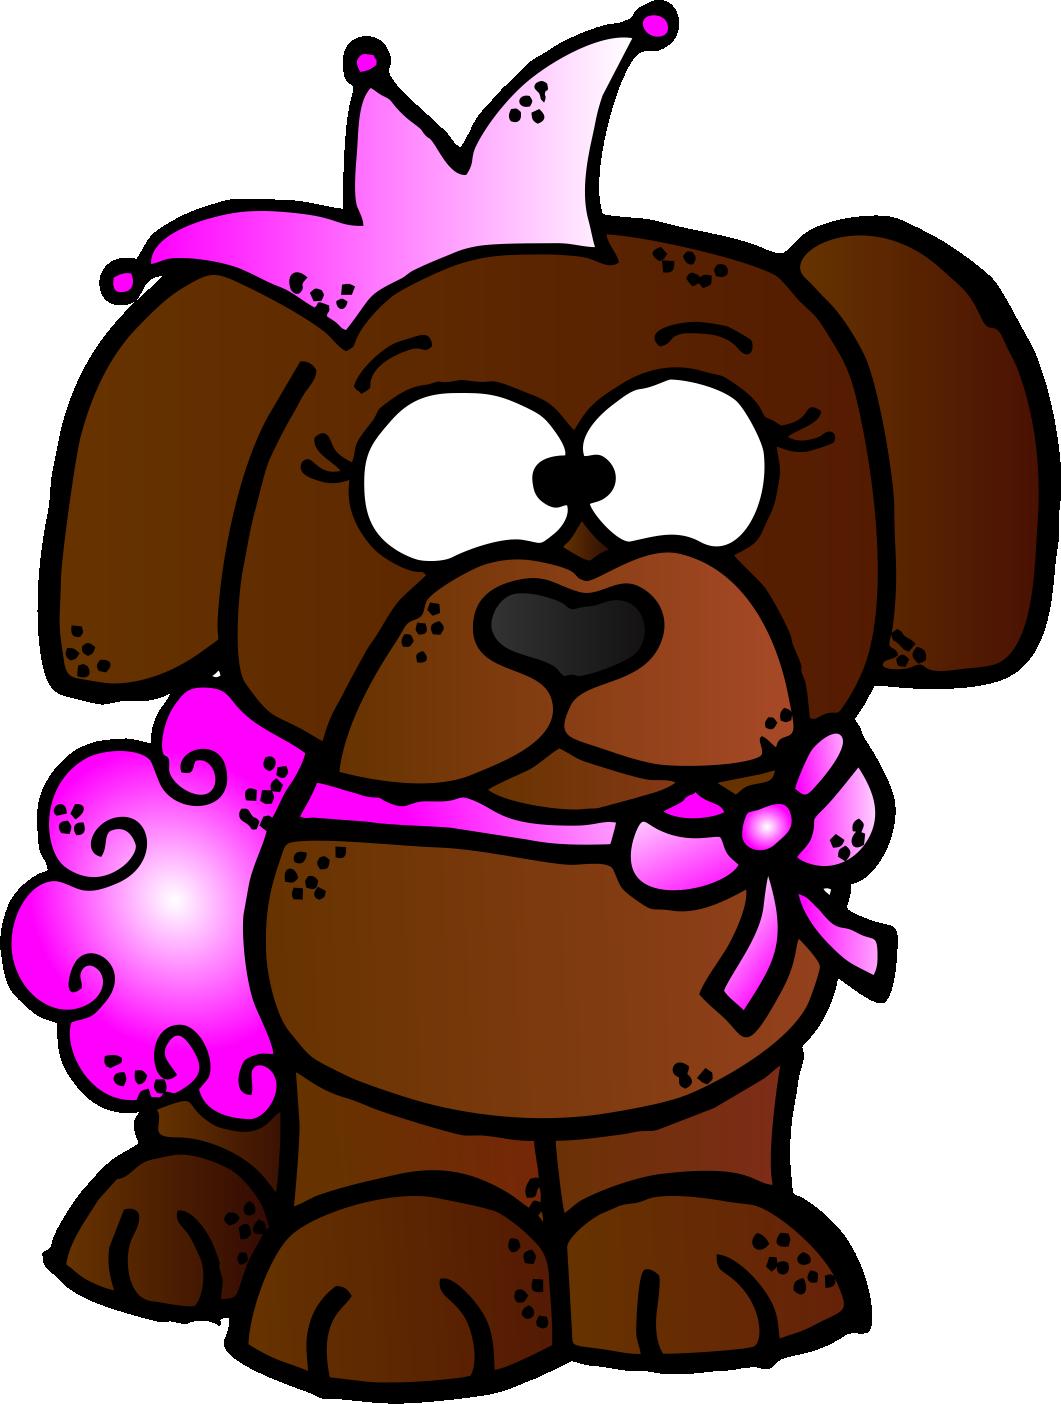 Worksheetjunkie free dog imprimibles. Folder clipart finished work